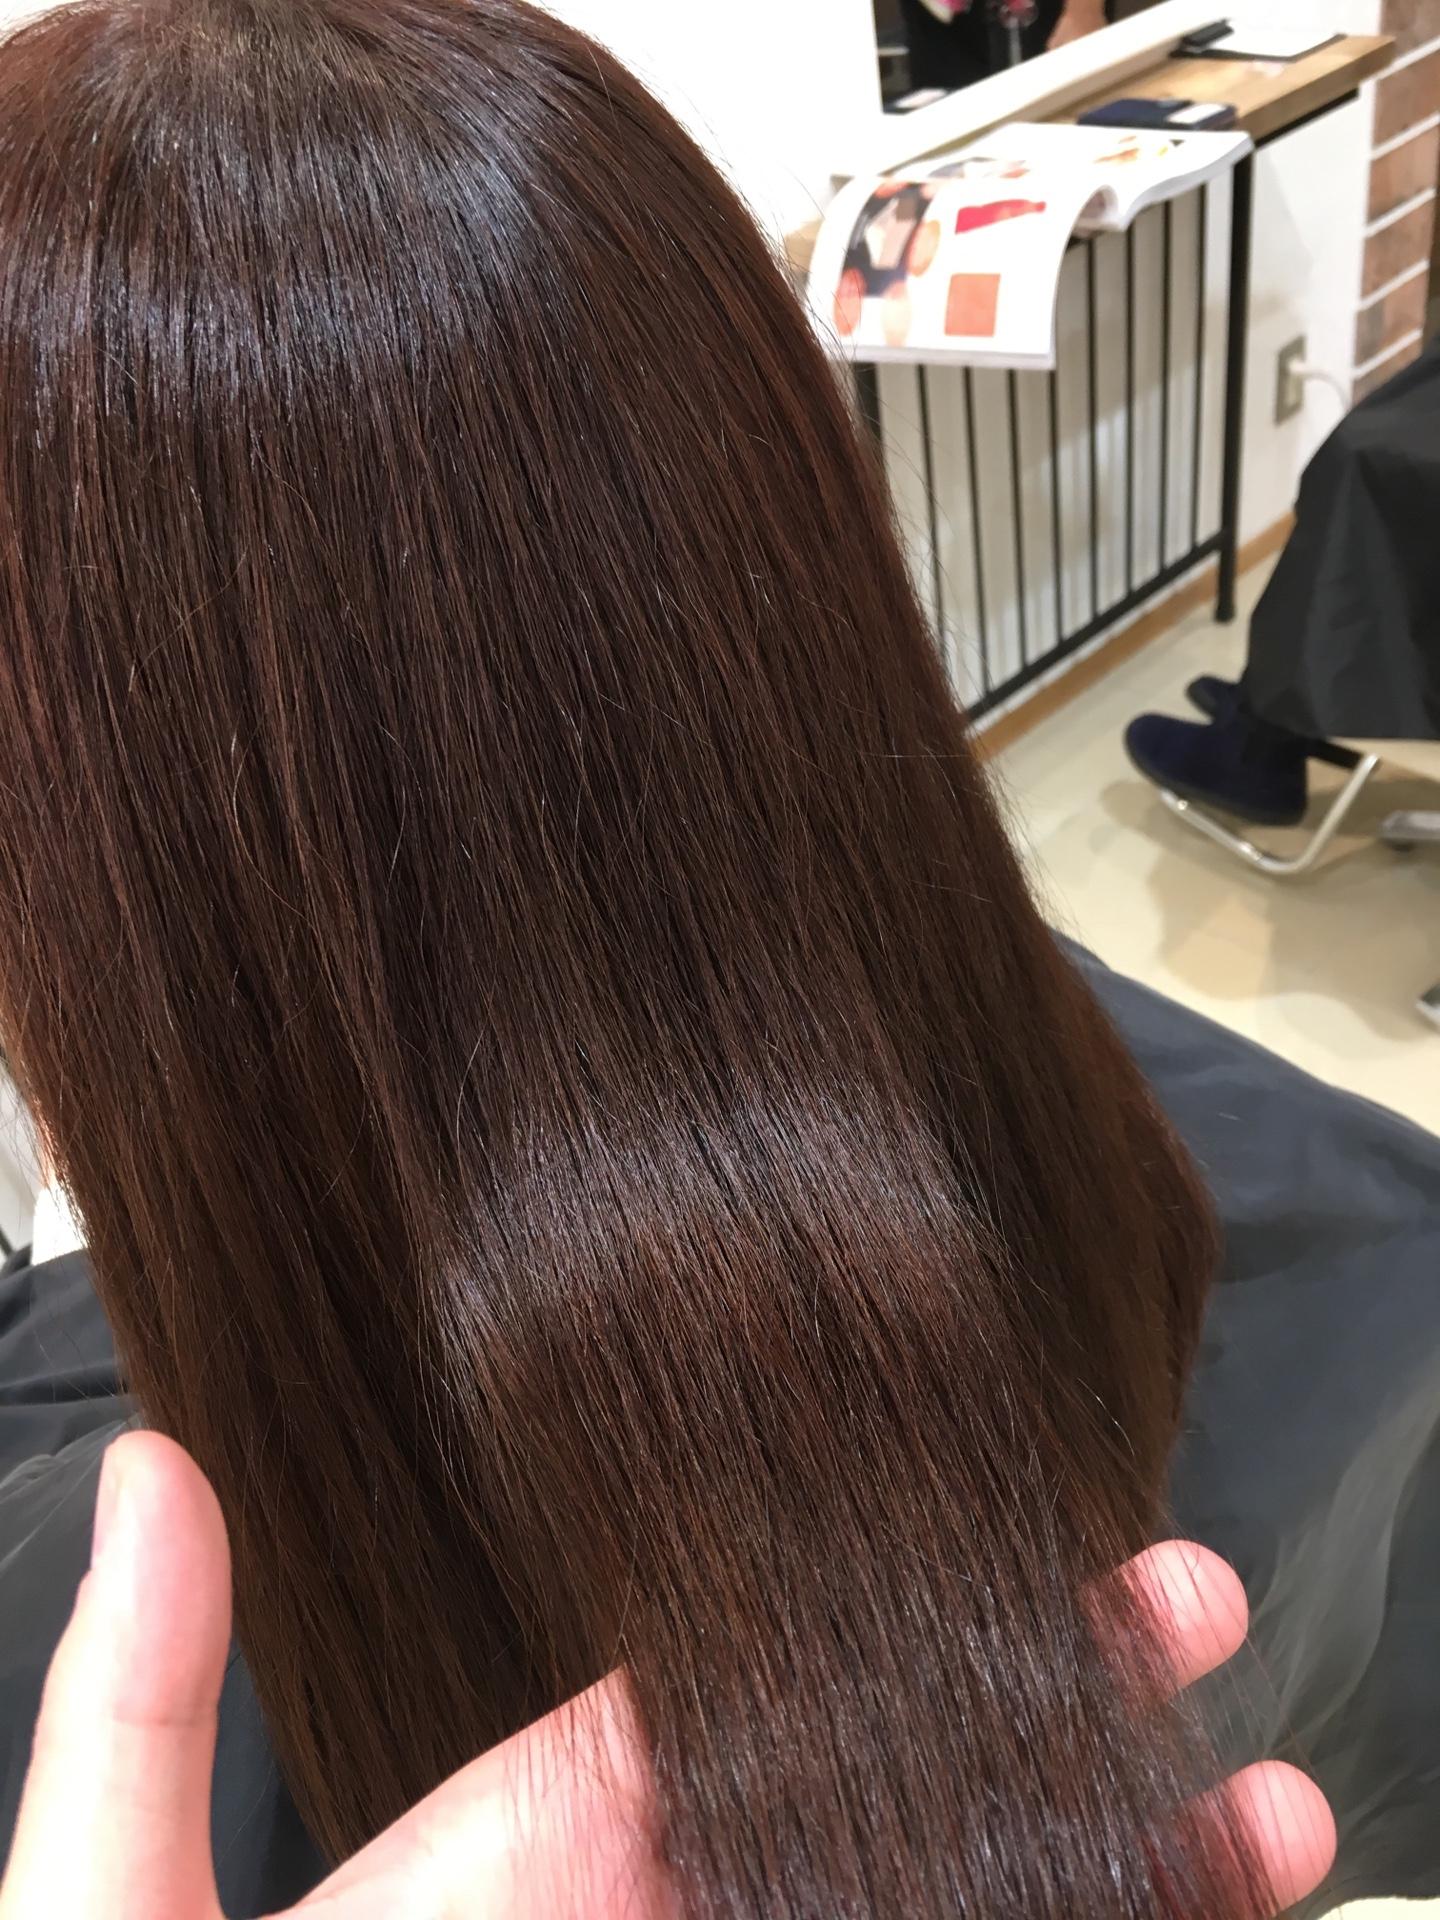 【Aujuaトリートメント認定サロン】あなたにとって最適なヘアケア・プログラムをご提案♪